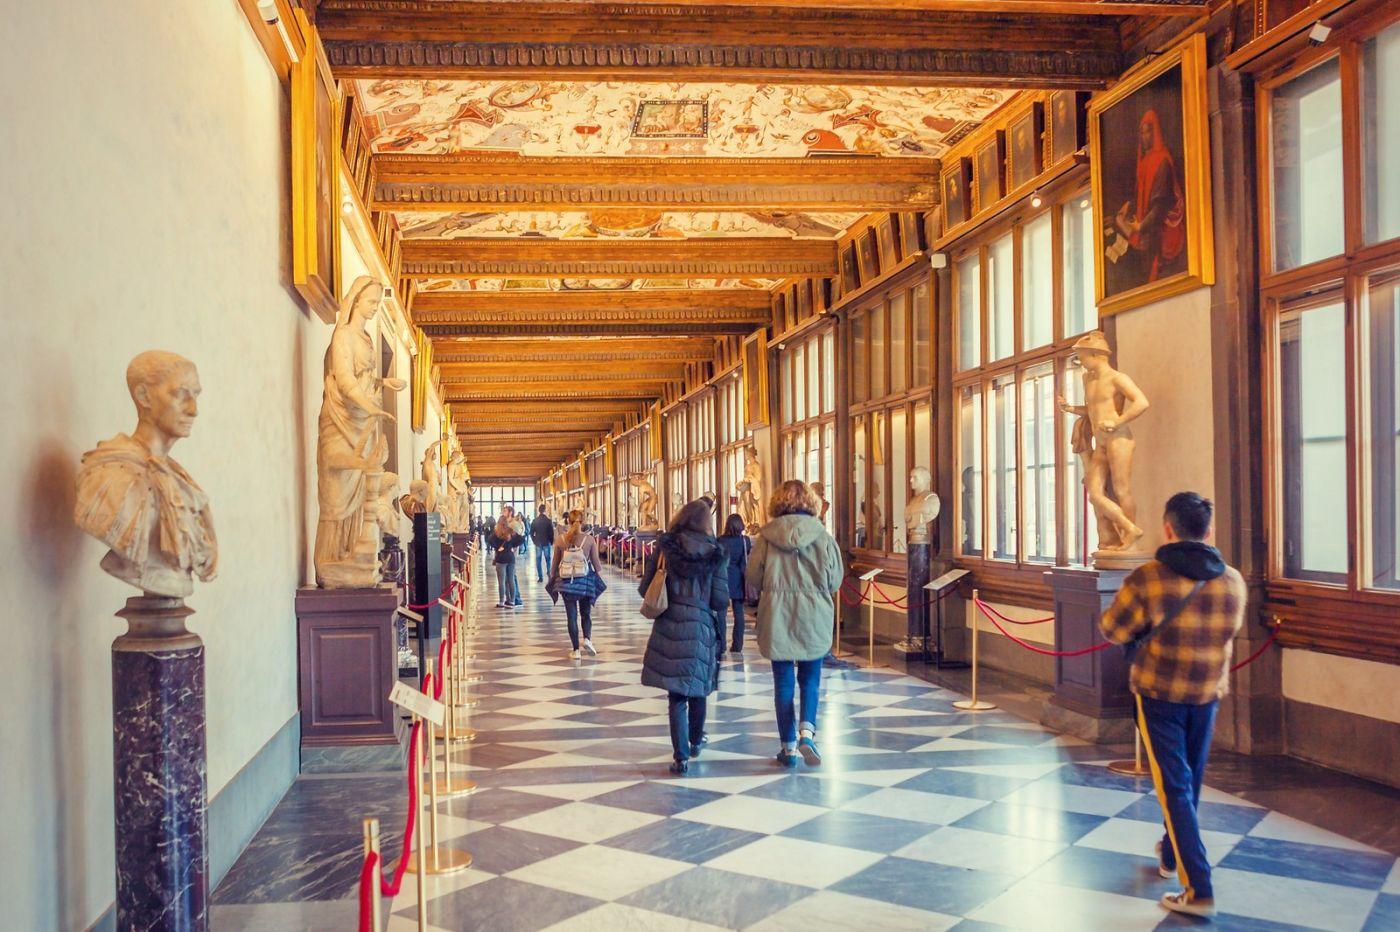 意大利佛罗伦斯乌菲兹美术馆, 进去看一看_图1-17